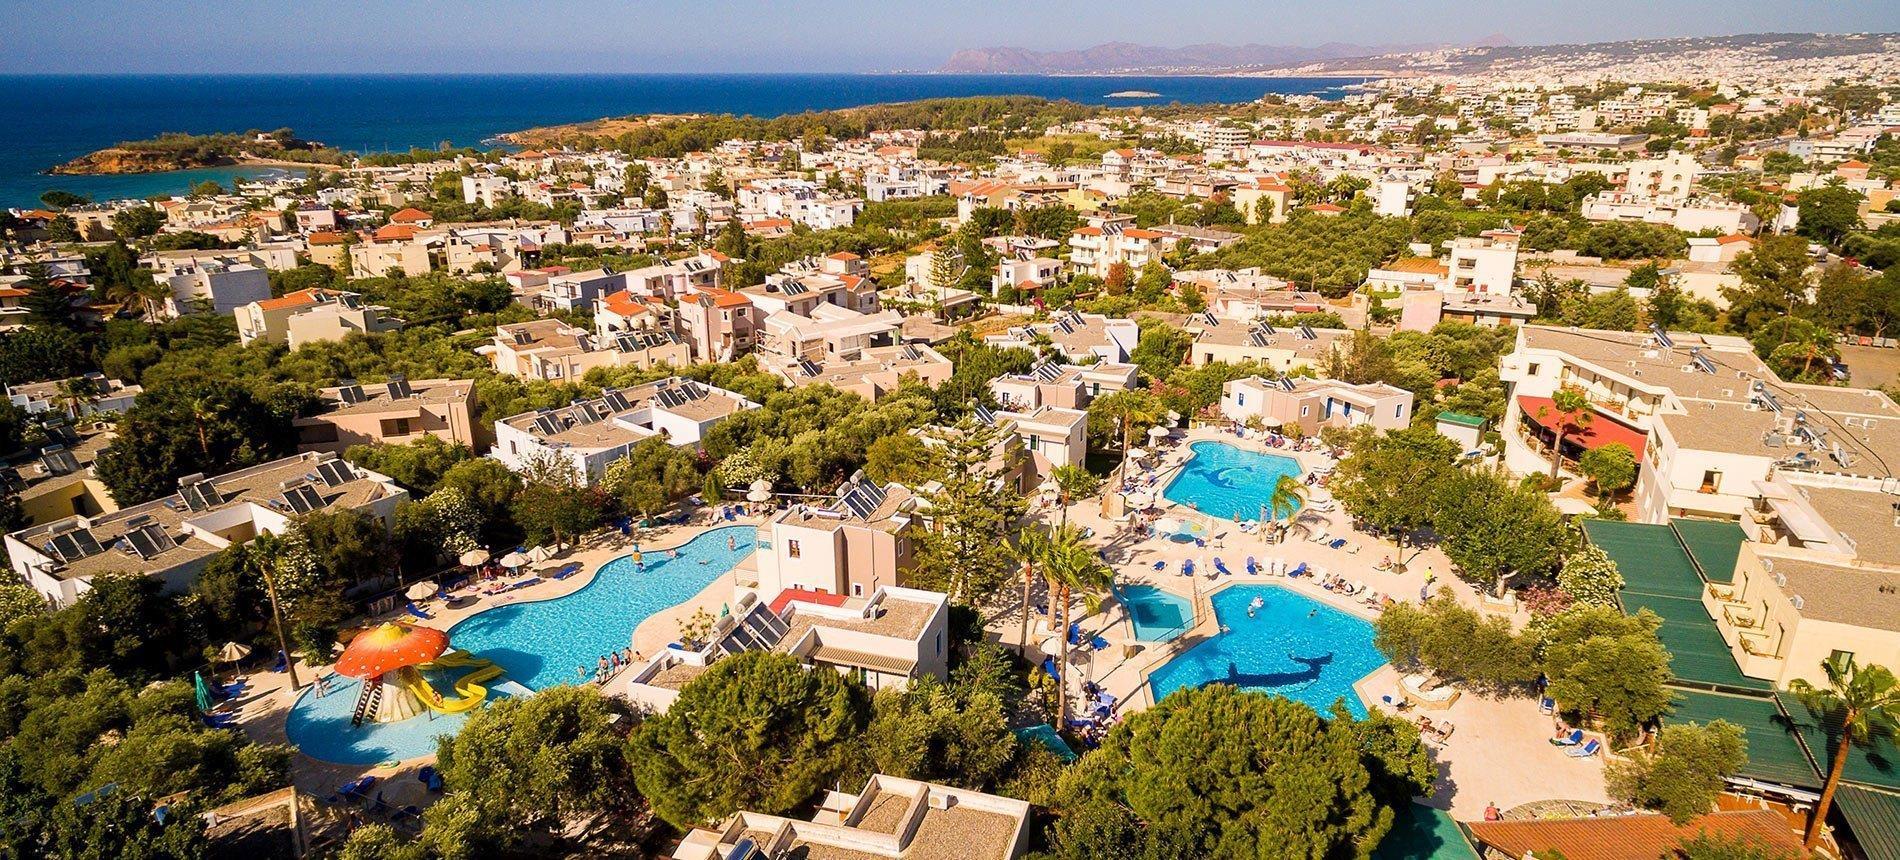 sirios-village-luxury-hotel-bungalows-genel-0026